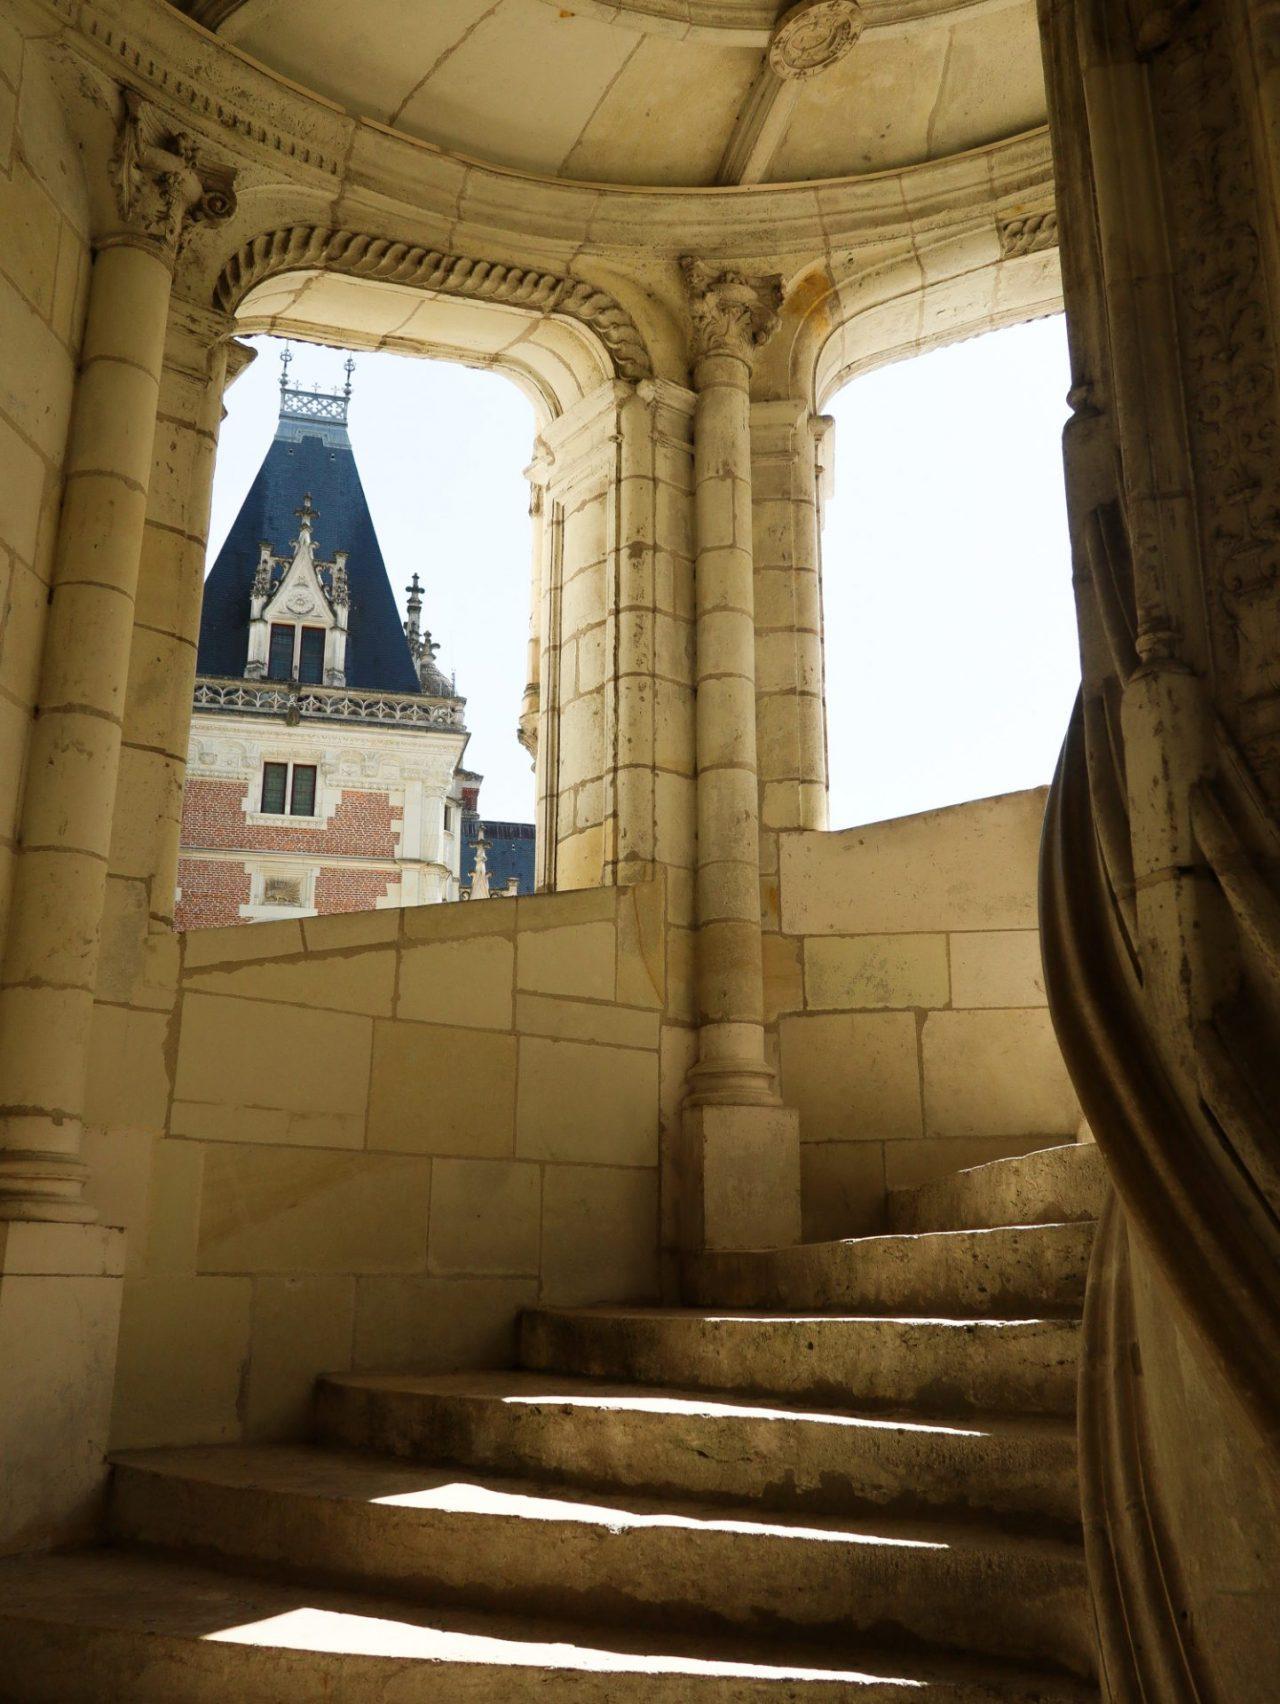 val-de-loire-chateau-de-blois-escalier-renaissance